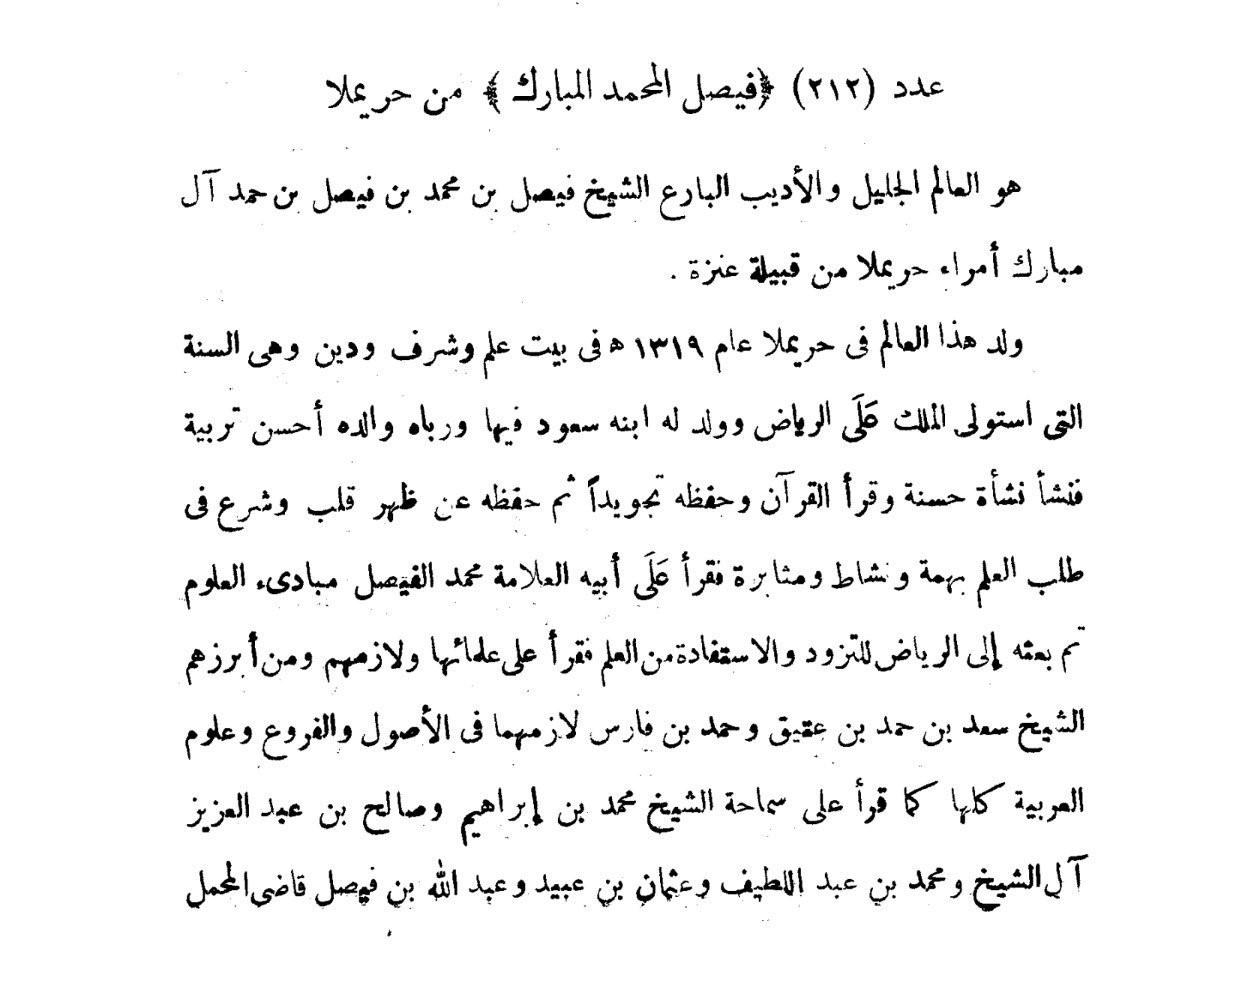 فيصل بن محمد بن فيصل بن حمد آل مبارك